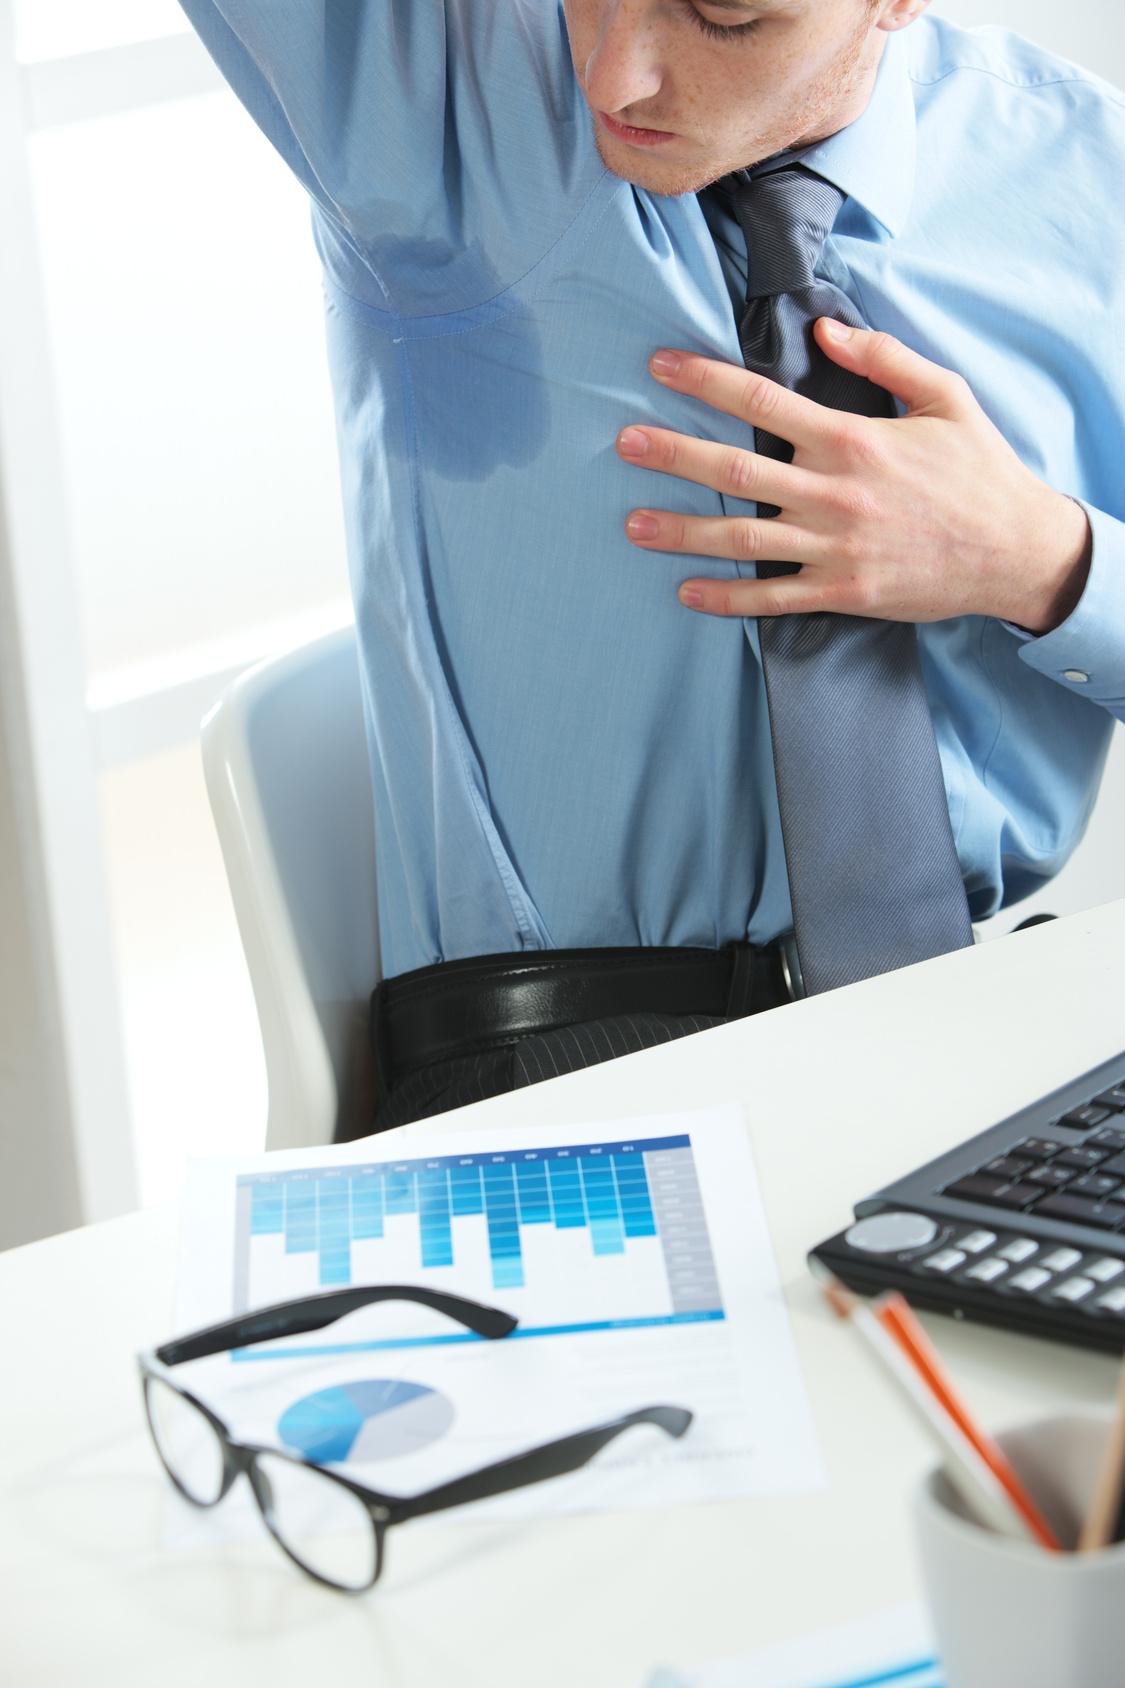 Leczenie nadpotliwości Bydgoszcz Zabiegi leczące nadmierną potliwość Nadpotliwość